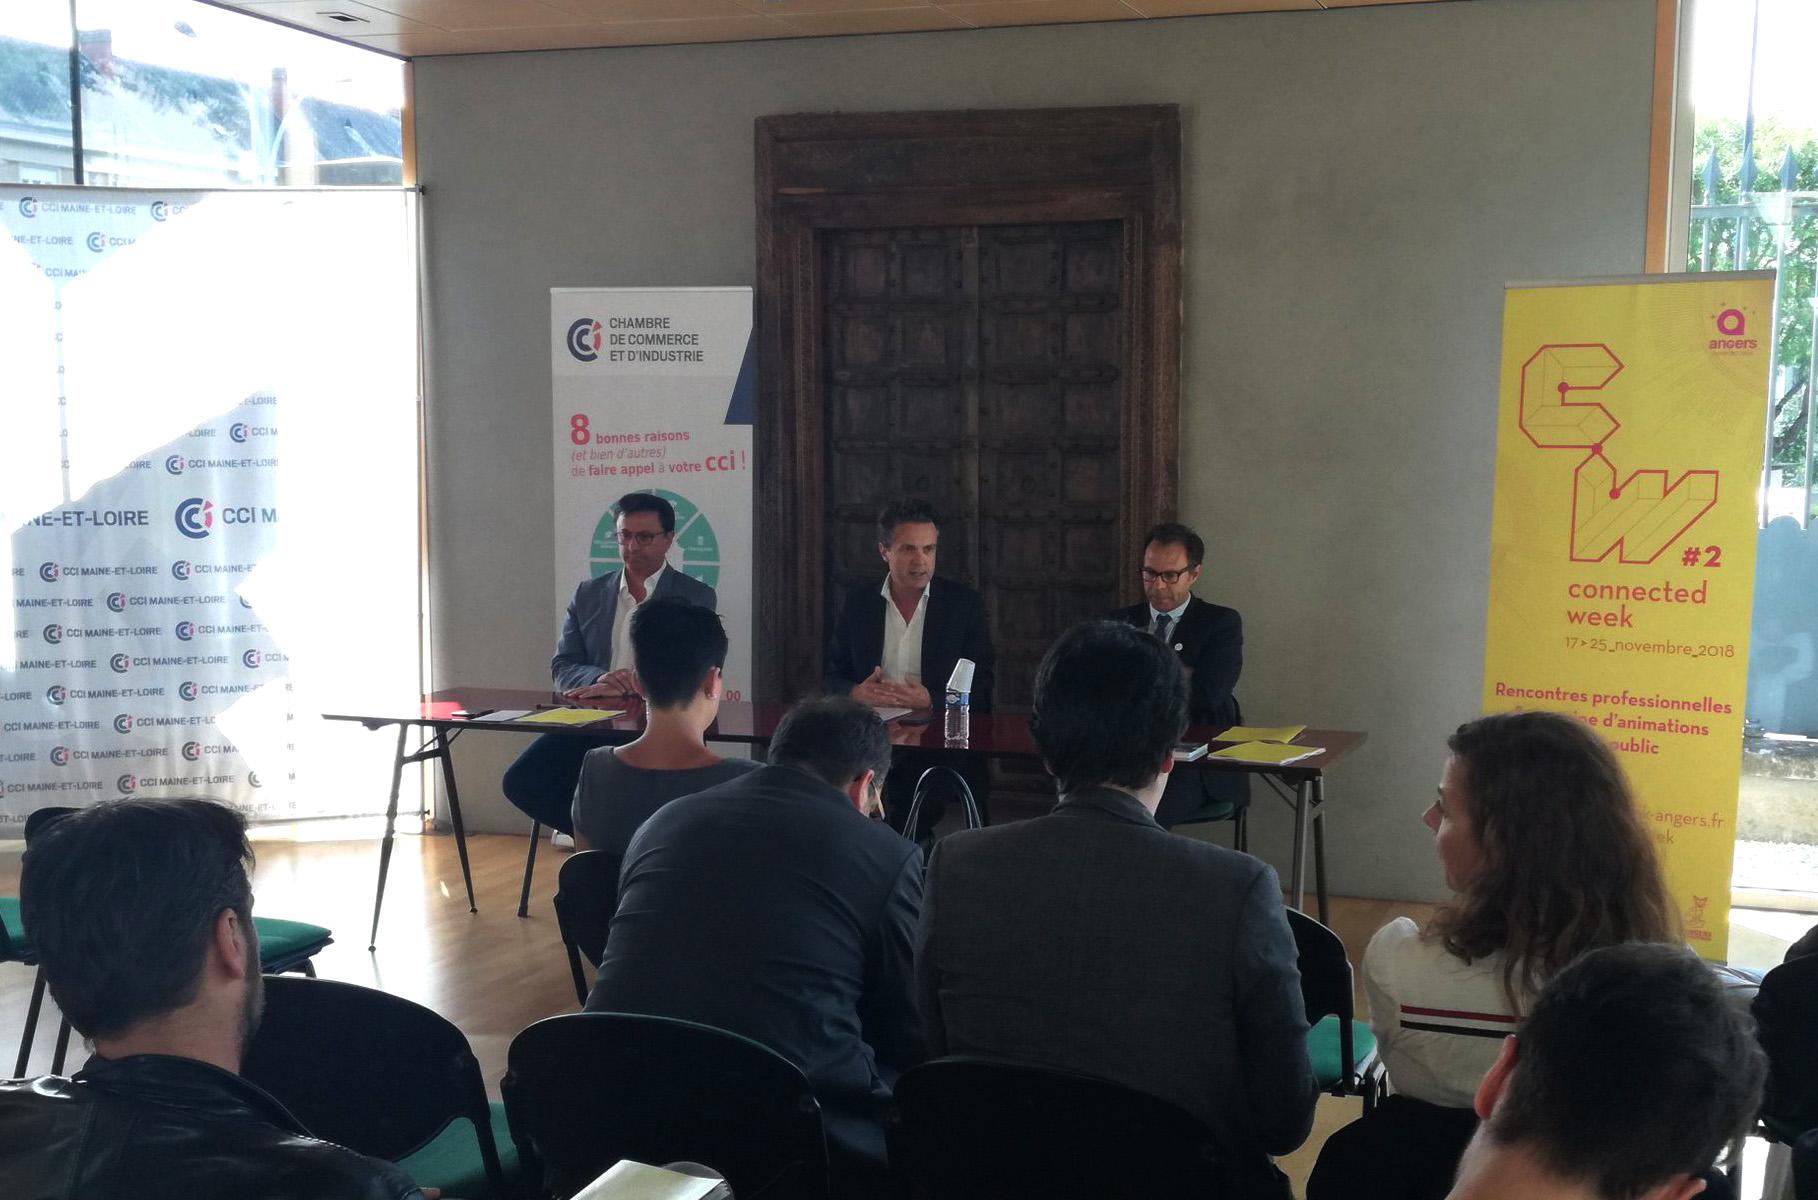 De gauche à droite : Eric Grelier (CCI), Christophe Béchu (Ville d'Angers) et Christian Robledo (Université)